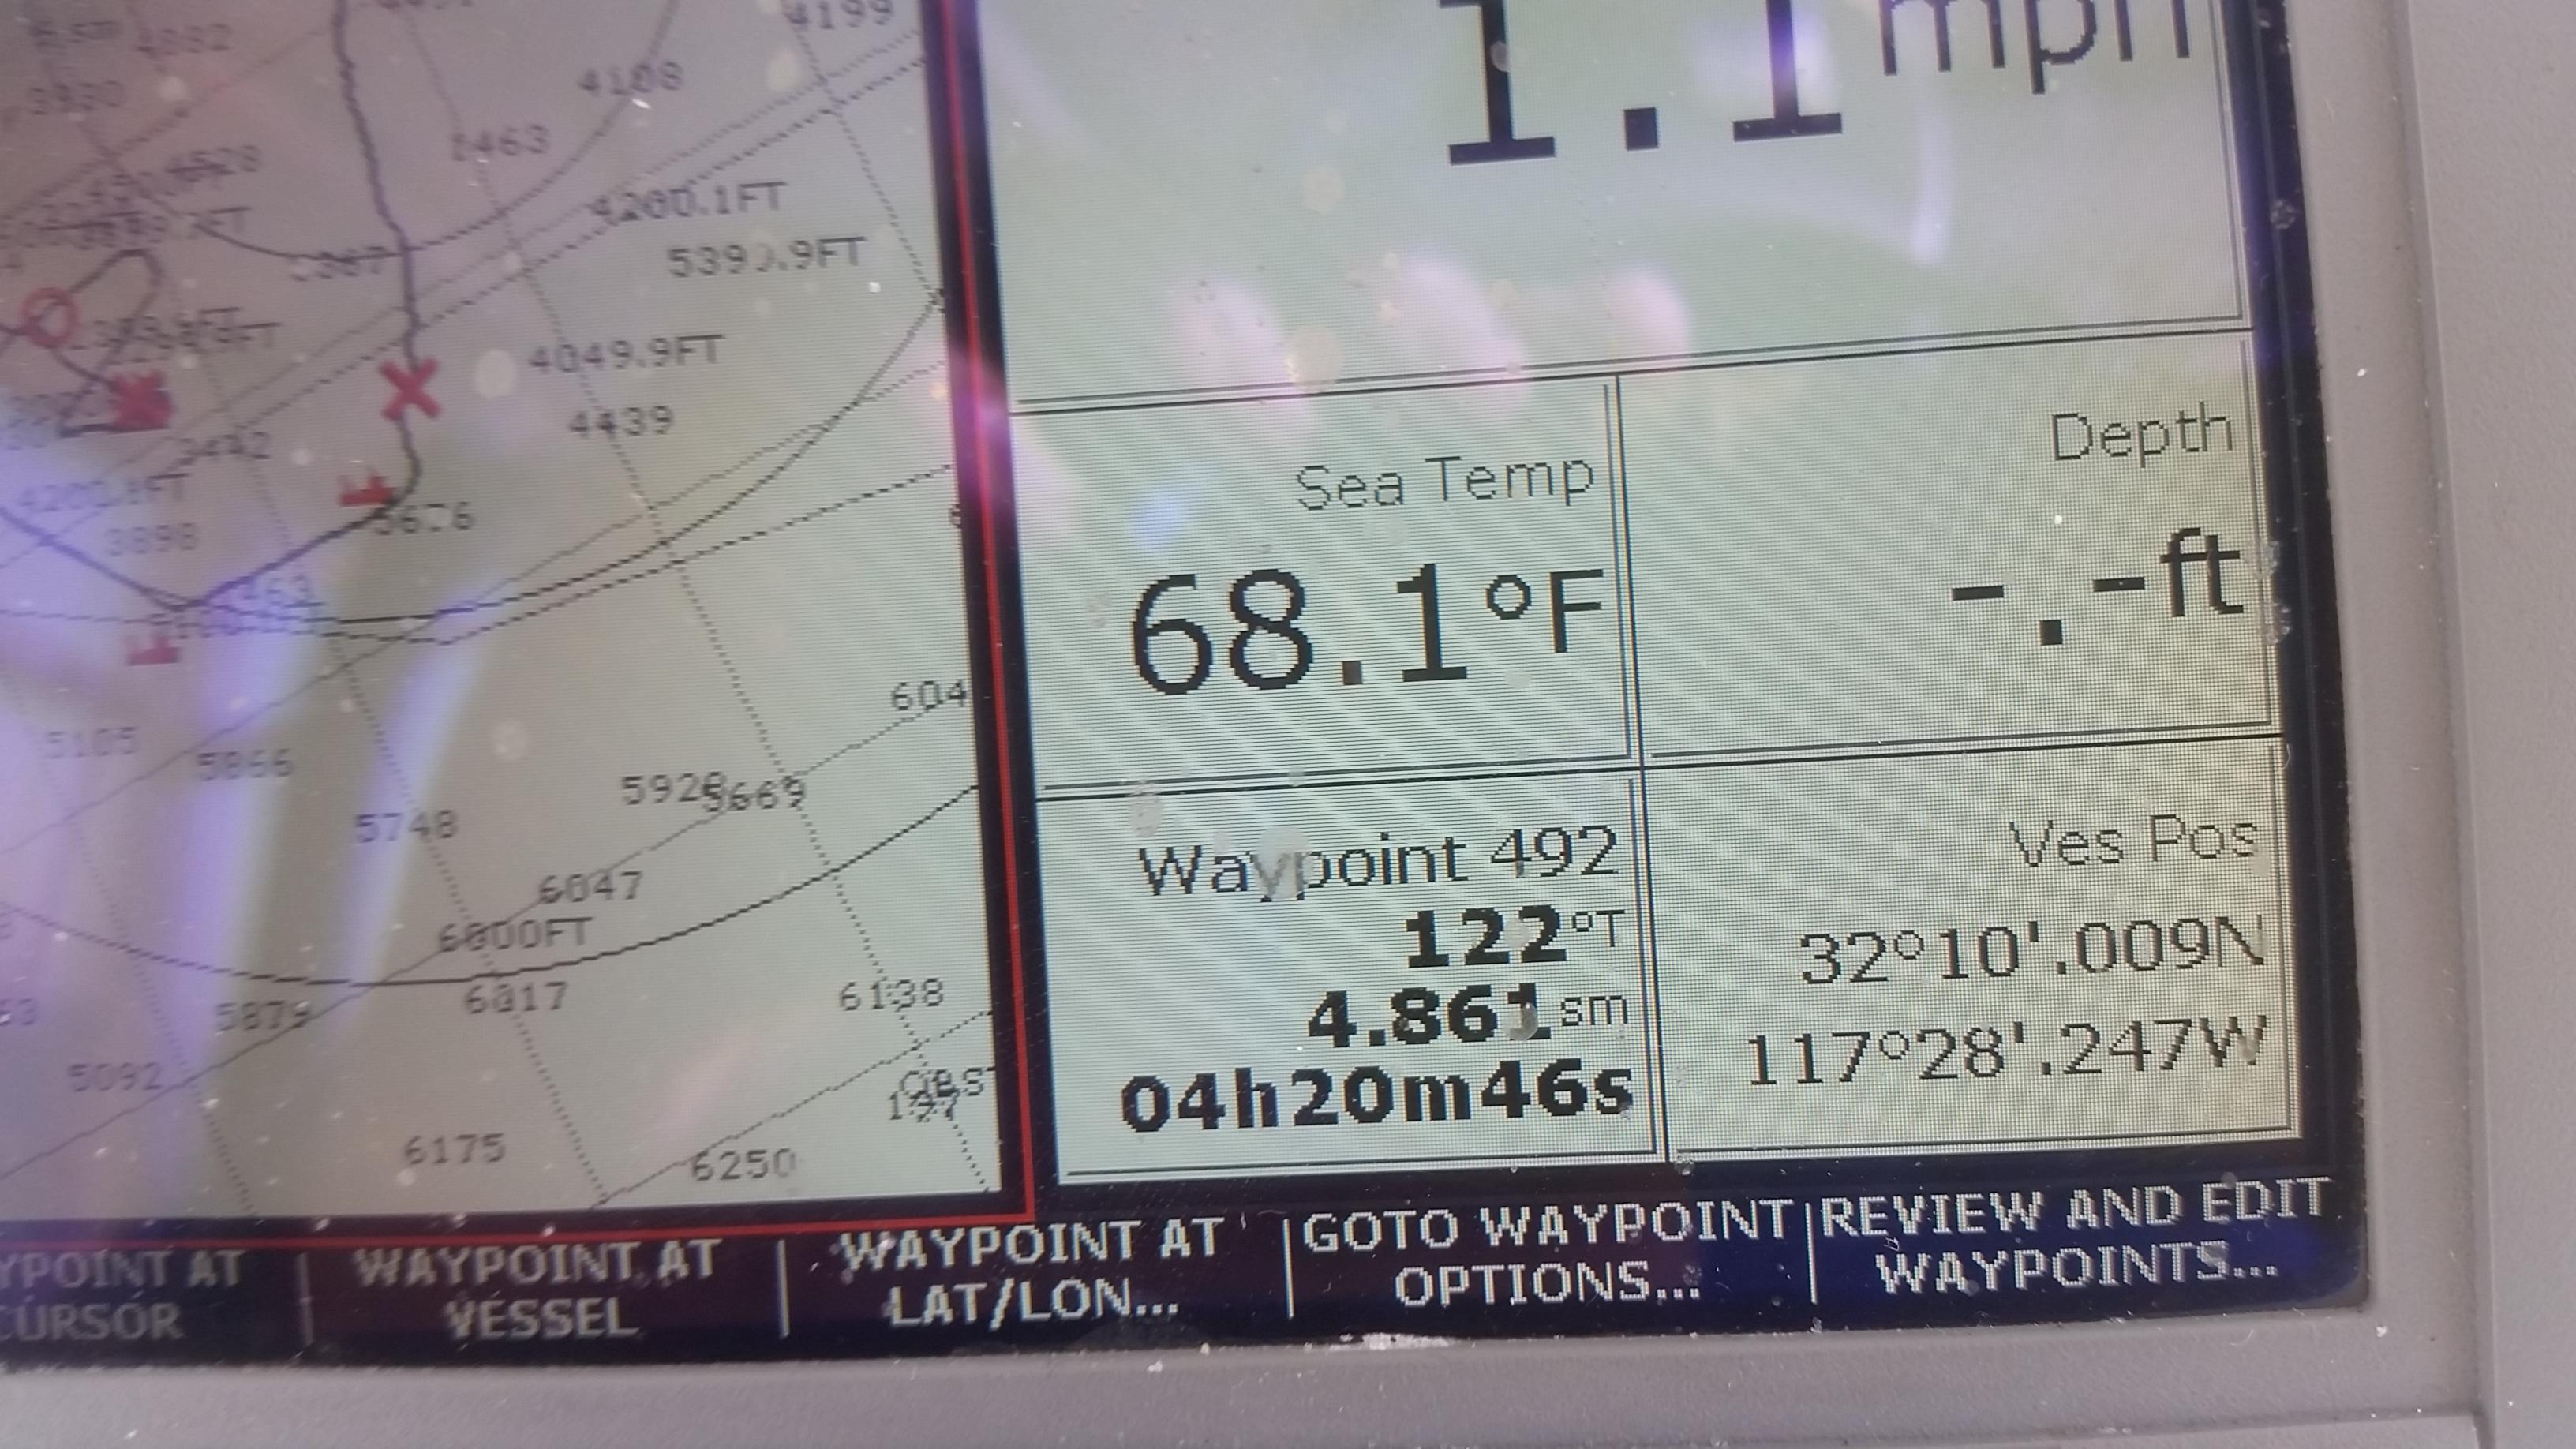 11-04-20 YFT Doroda YT 40 miles south of PL 3.jpg